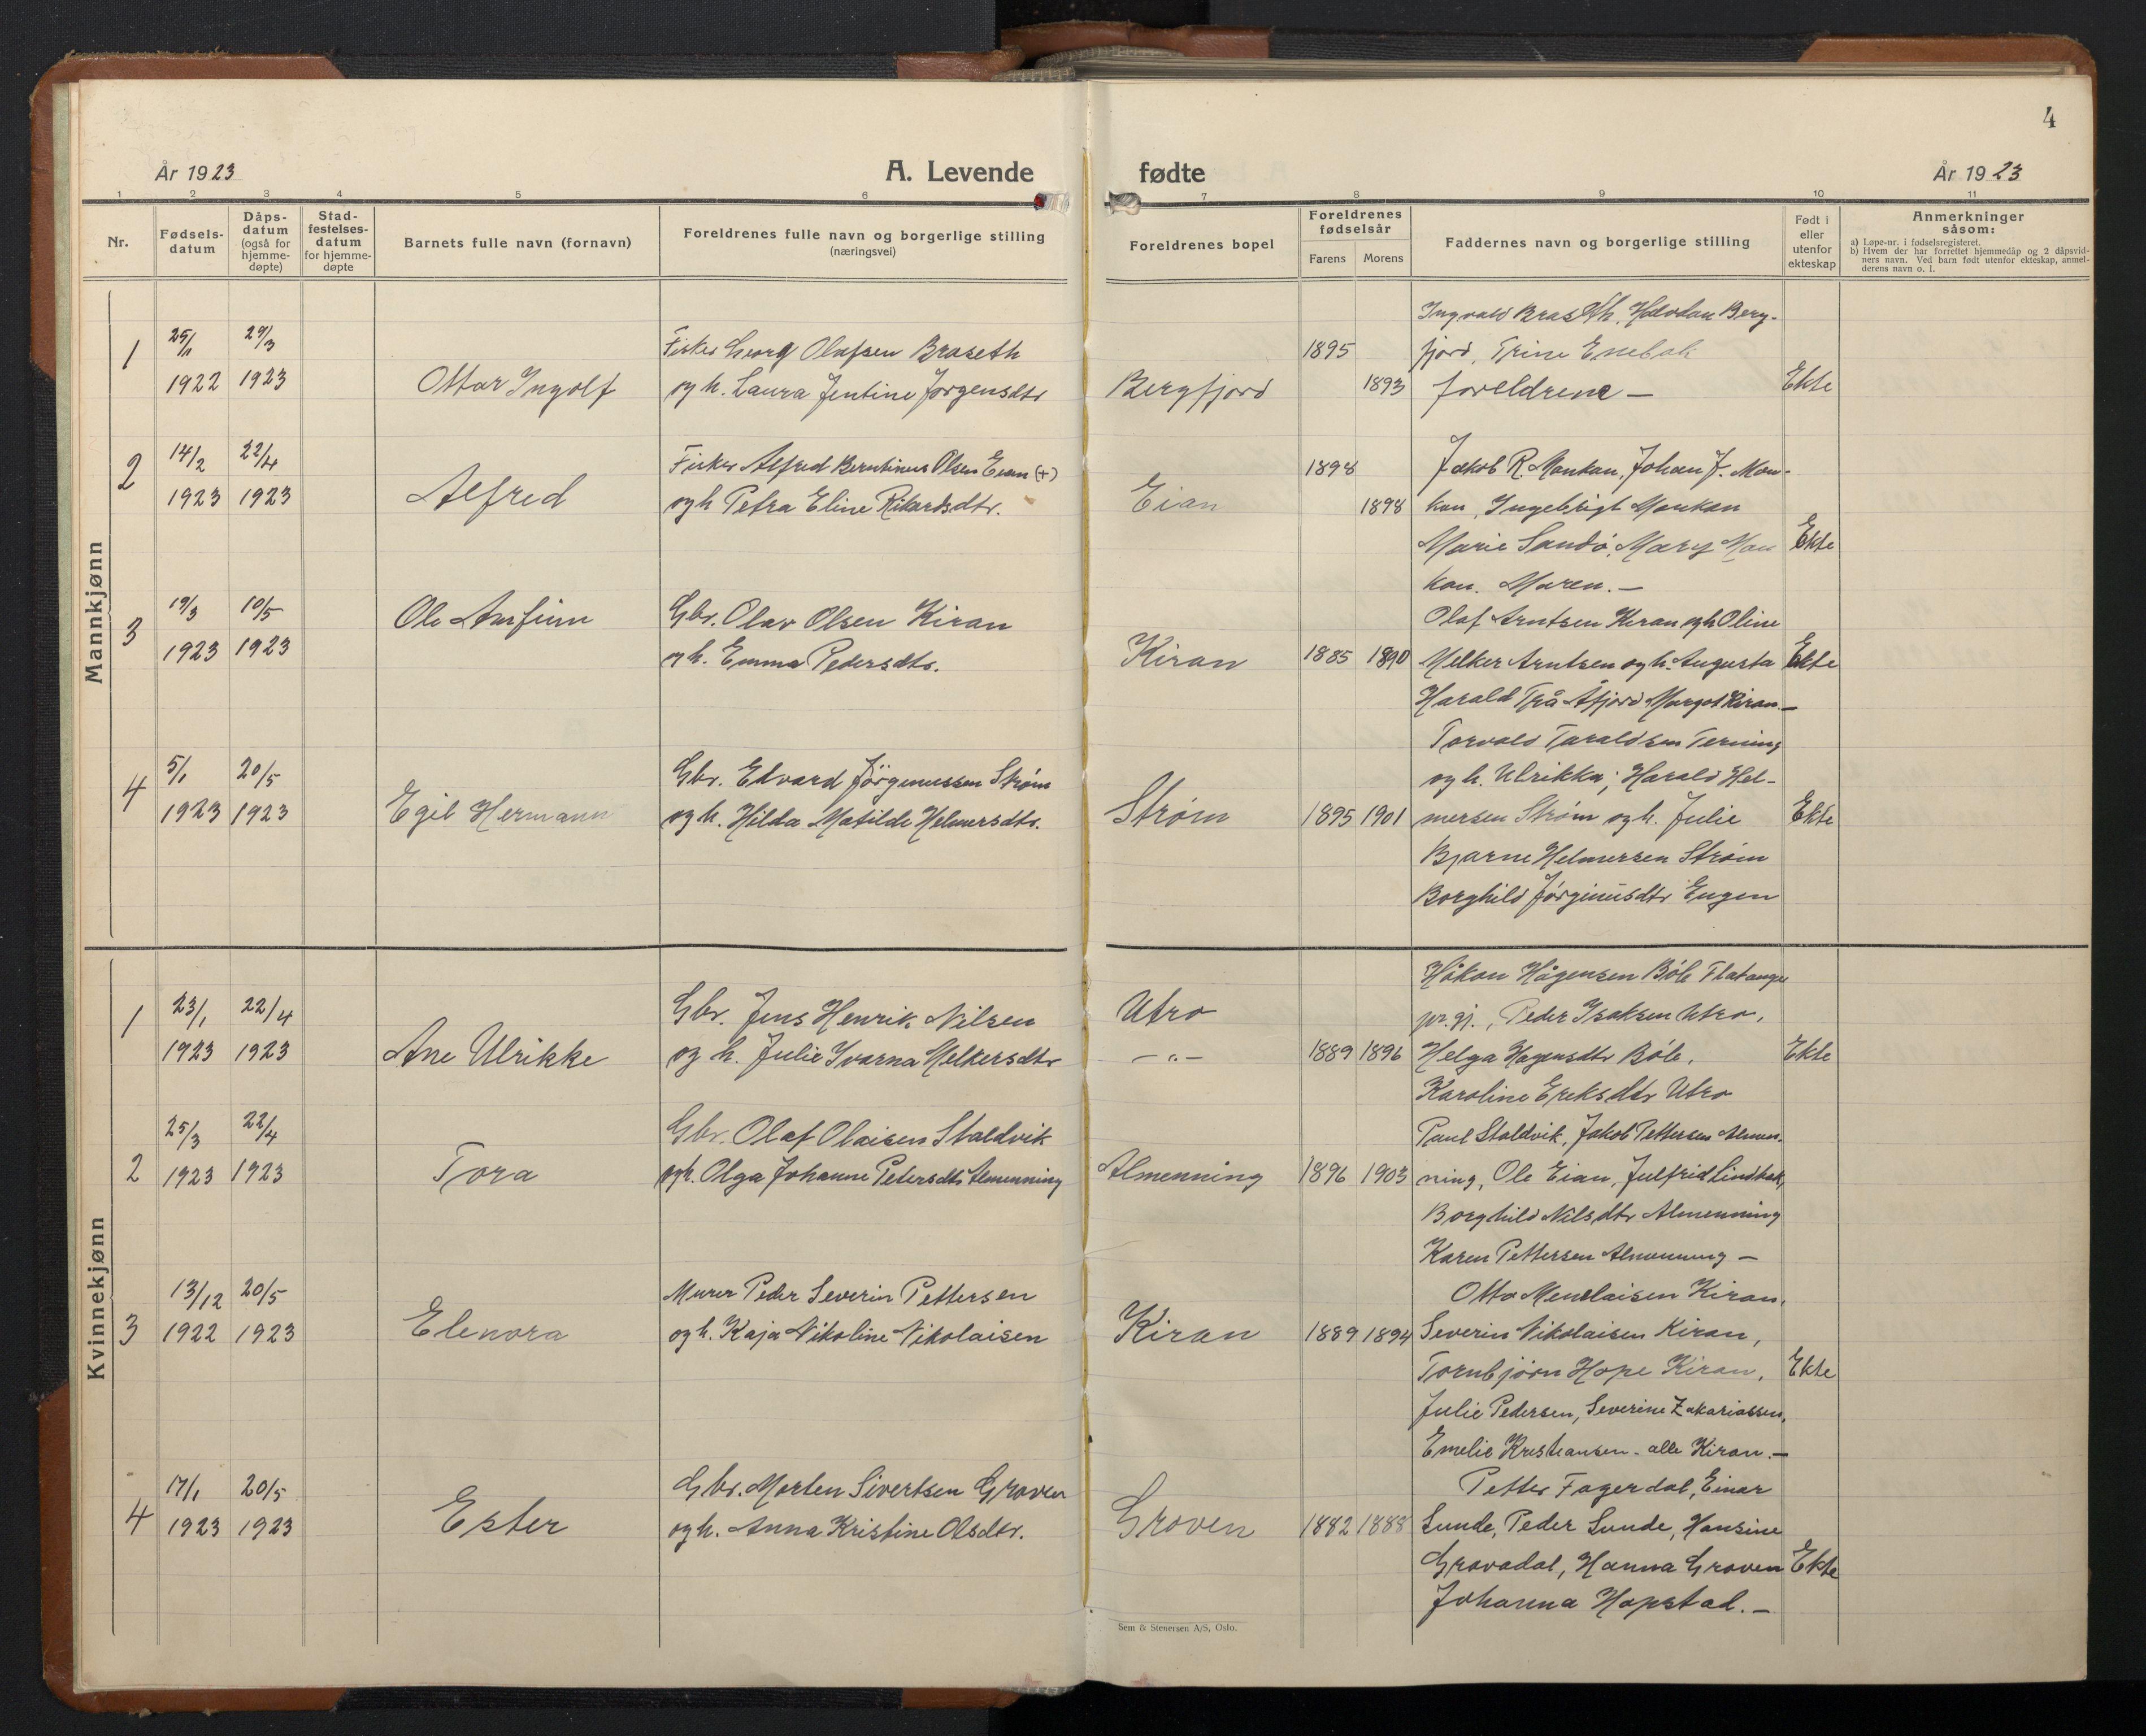 SAT, Ministerialprotokoller, klokkerbøker og fødselsregistre - Sør-Trøndelag, 657/L0718: Klokkerbok nr. 657C05, 1923-1948, s. 4